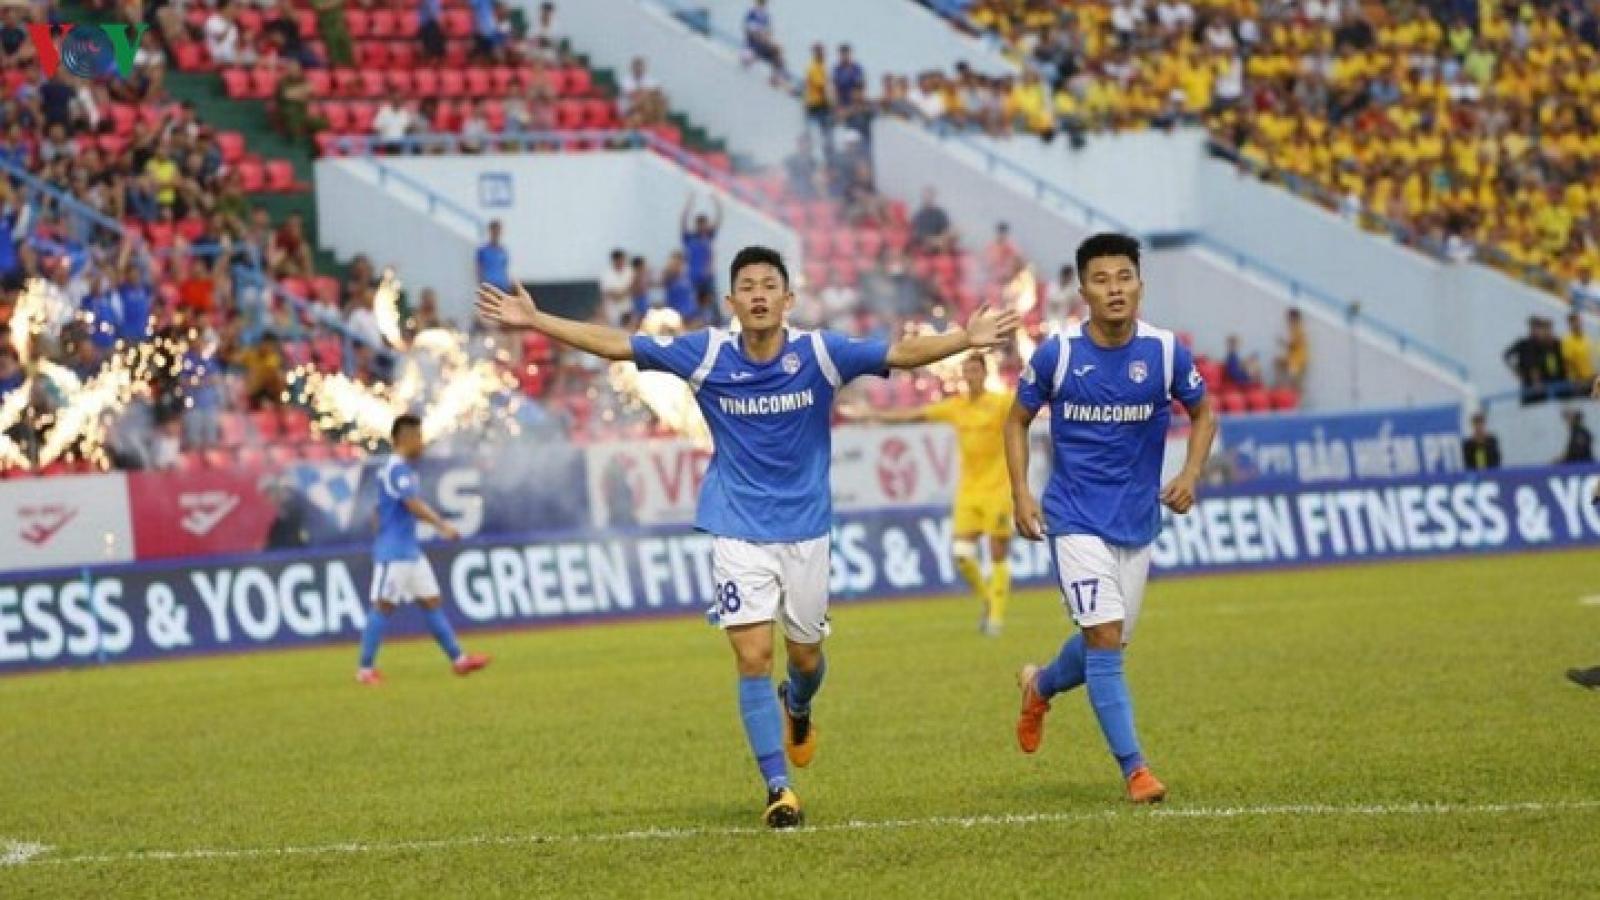 CLB Than Quảng Ninh phải cách ly, Cúp Quốc gia lại dời lịch thi đấu